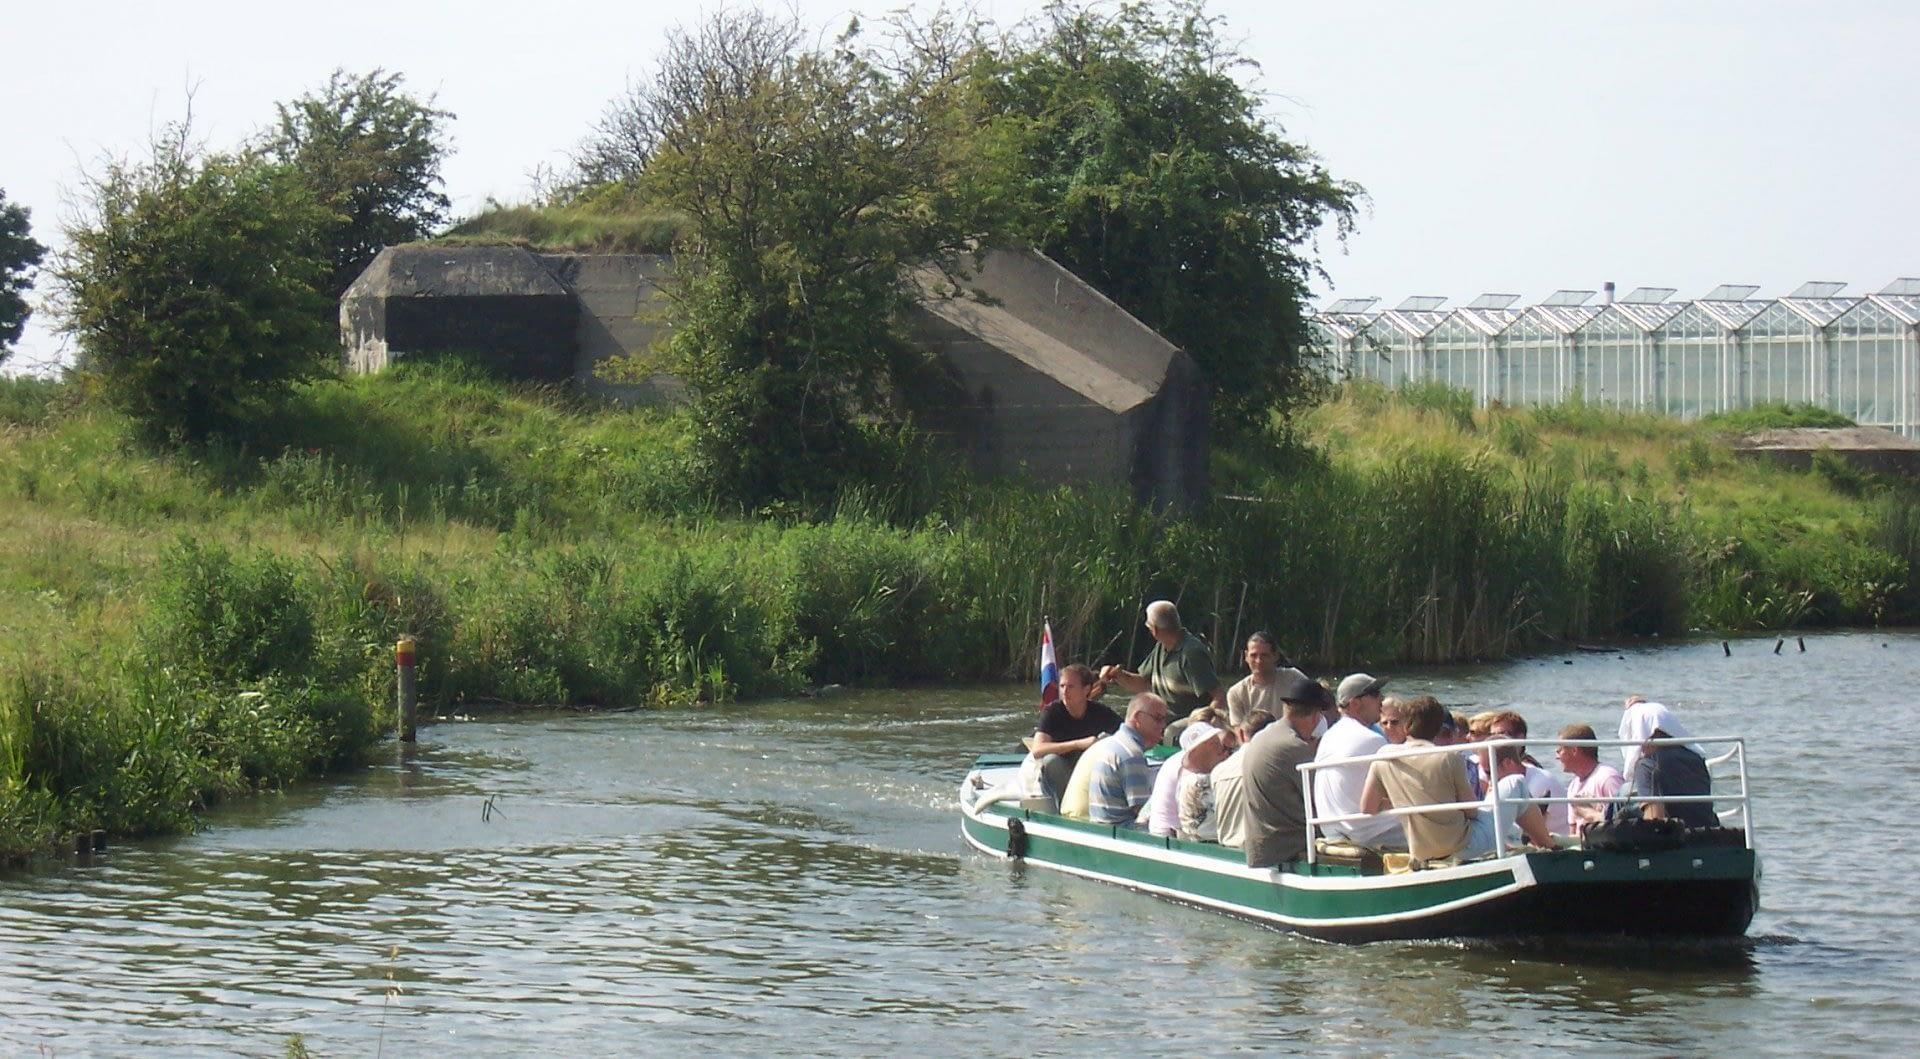 bootje met mensen aan boord vaart langs bunkers tussen de glazen kassen in het Westland